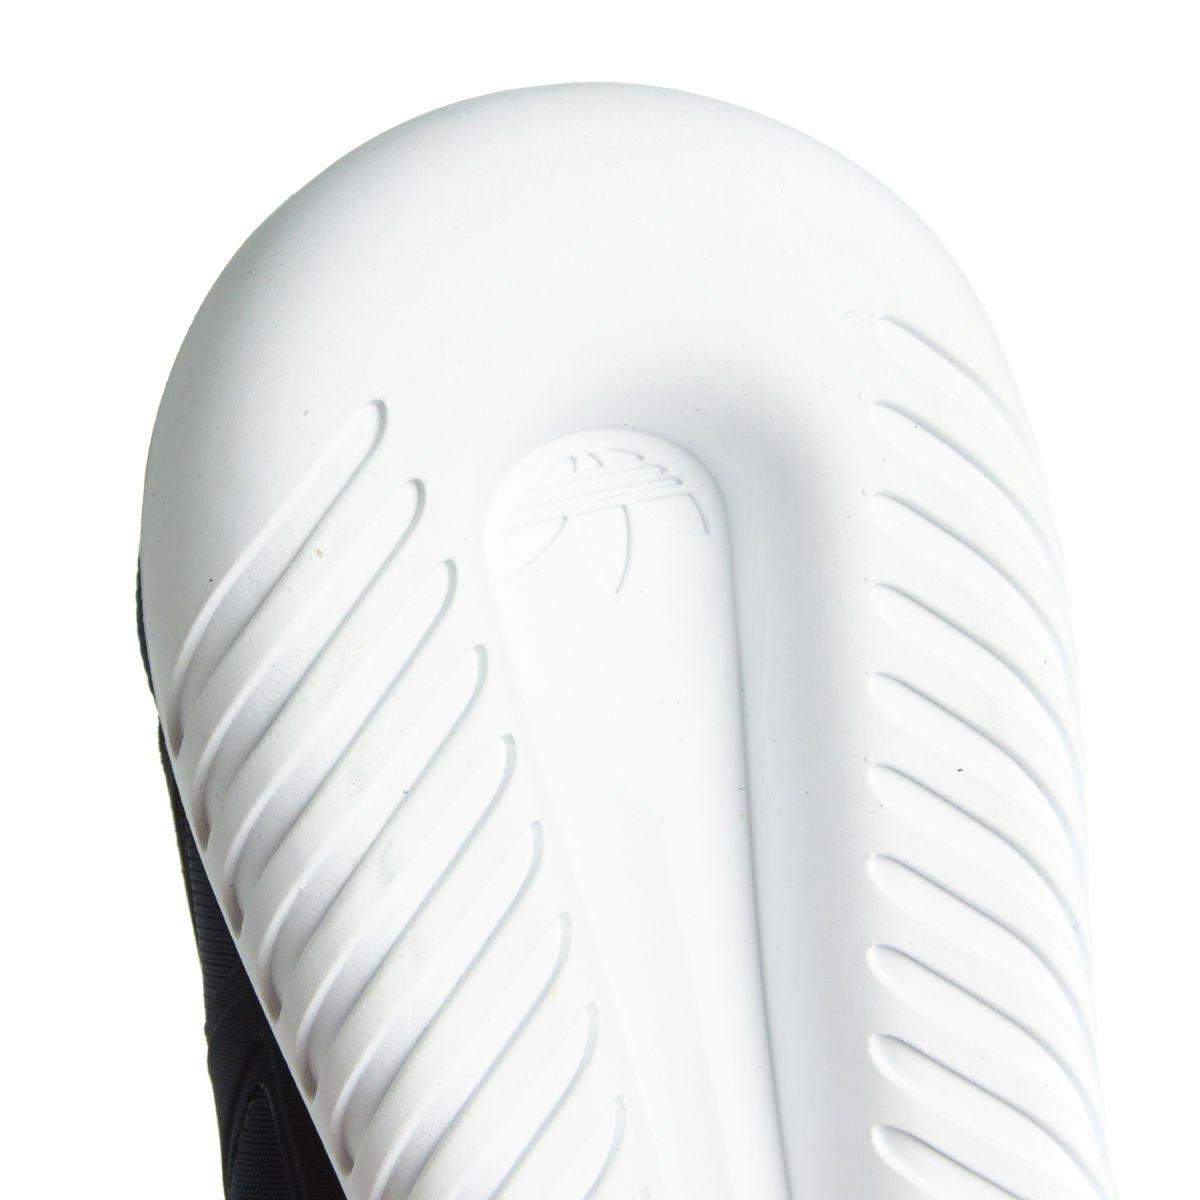 Adidas Damens Originals Viral Tubular Viral Originals Sneaker Schuh AQ3112 LEGINK/LEGINK/MINBLU 1c8623